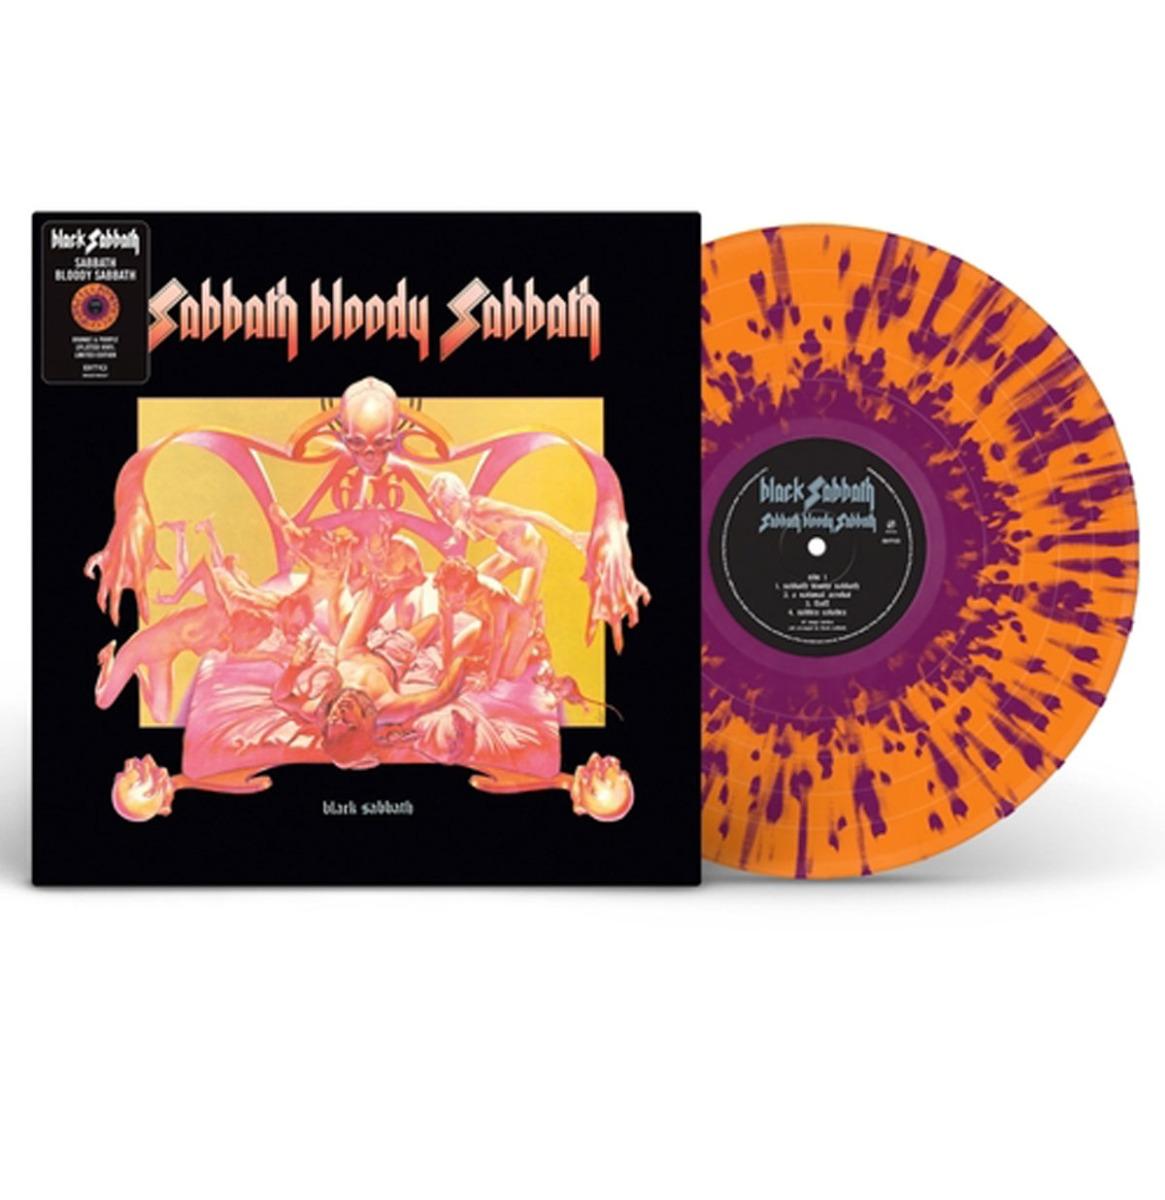 Black Sabbath - Sabbath Bloody Sabbath (Gekleurd Vinyl) LP